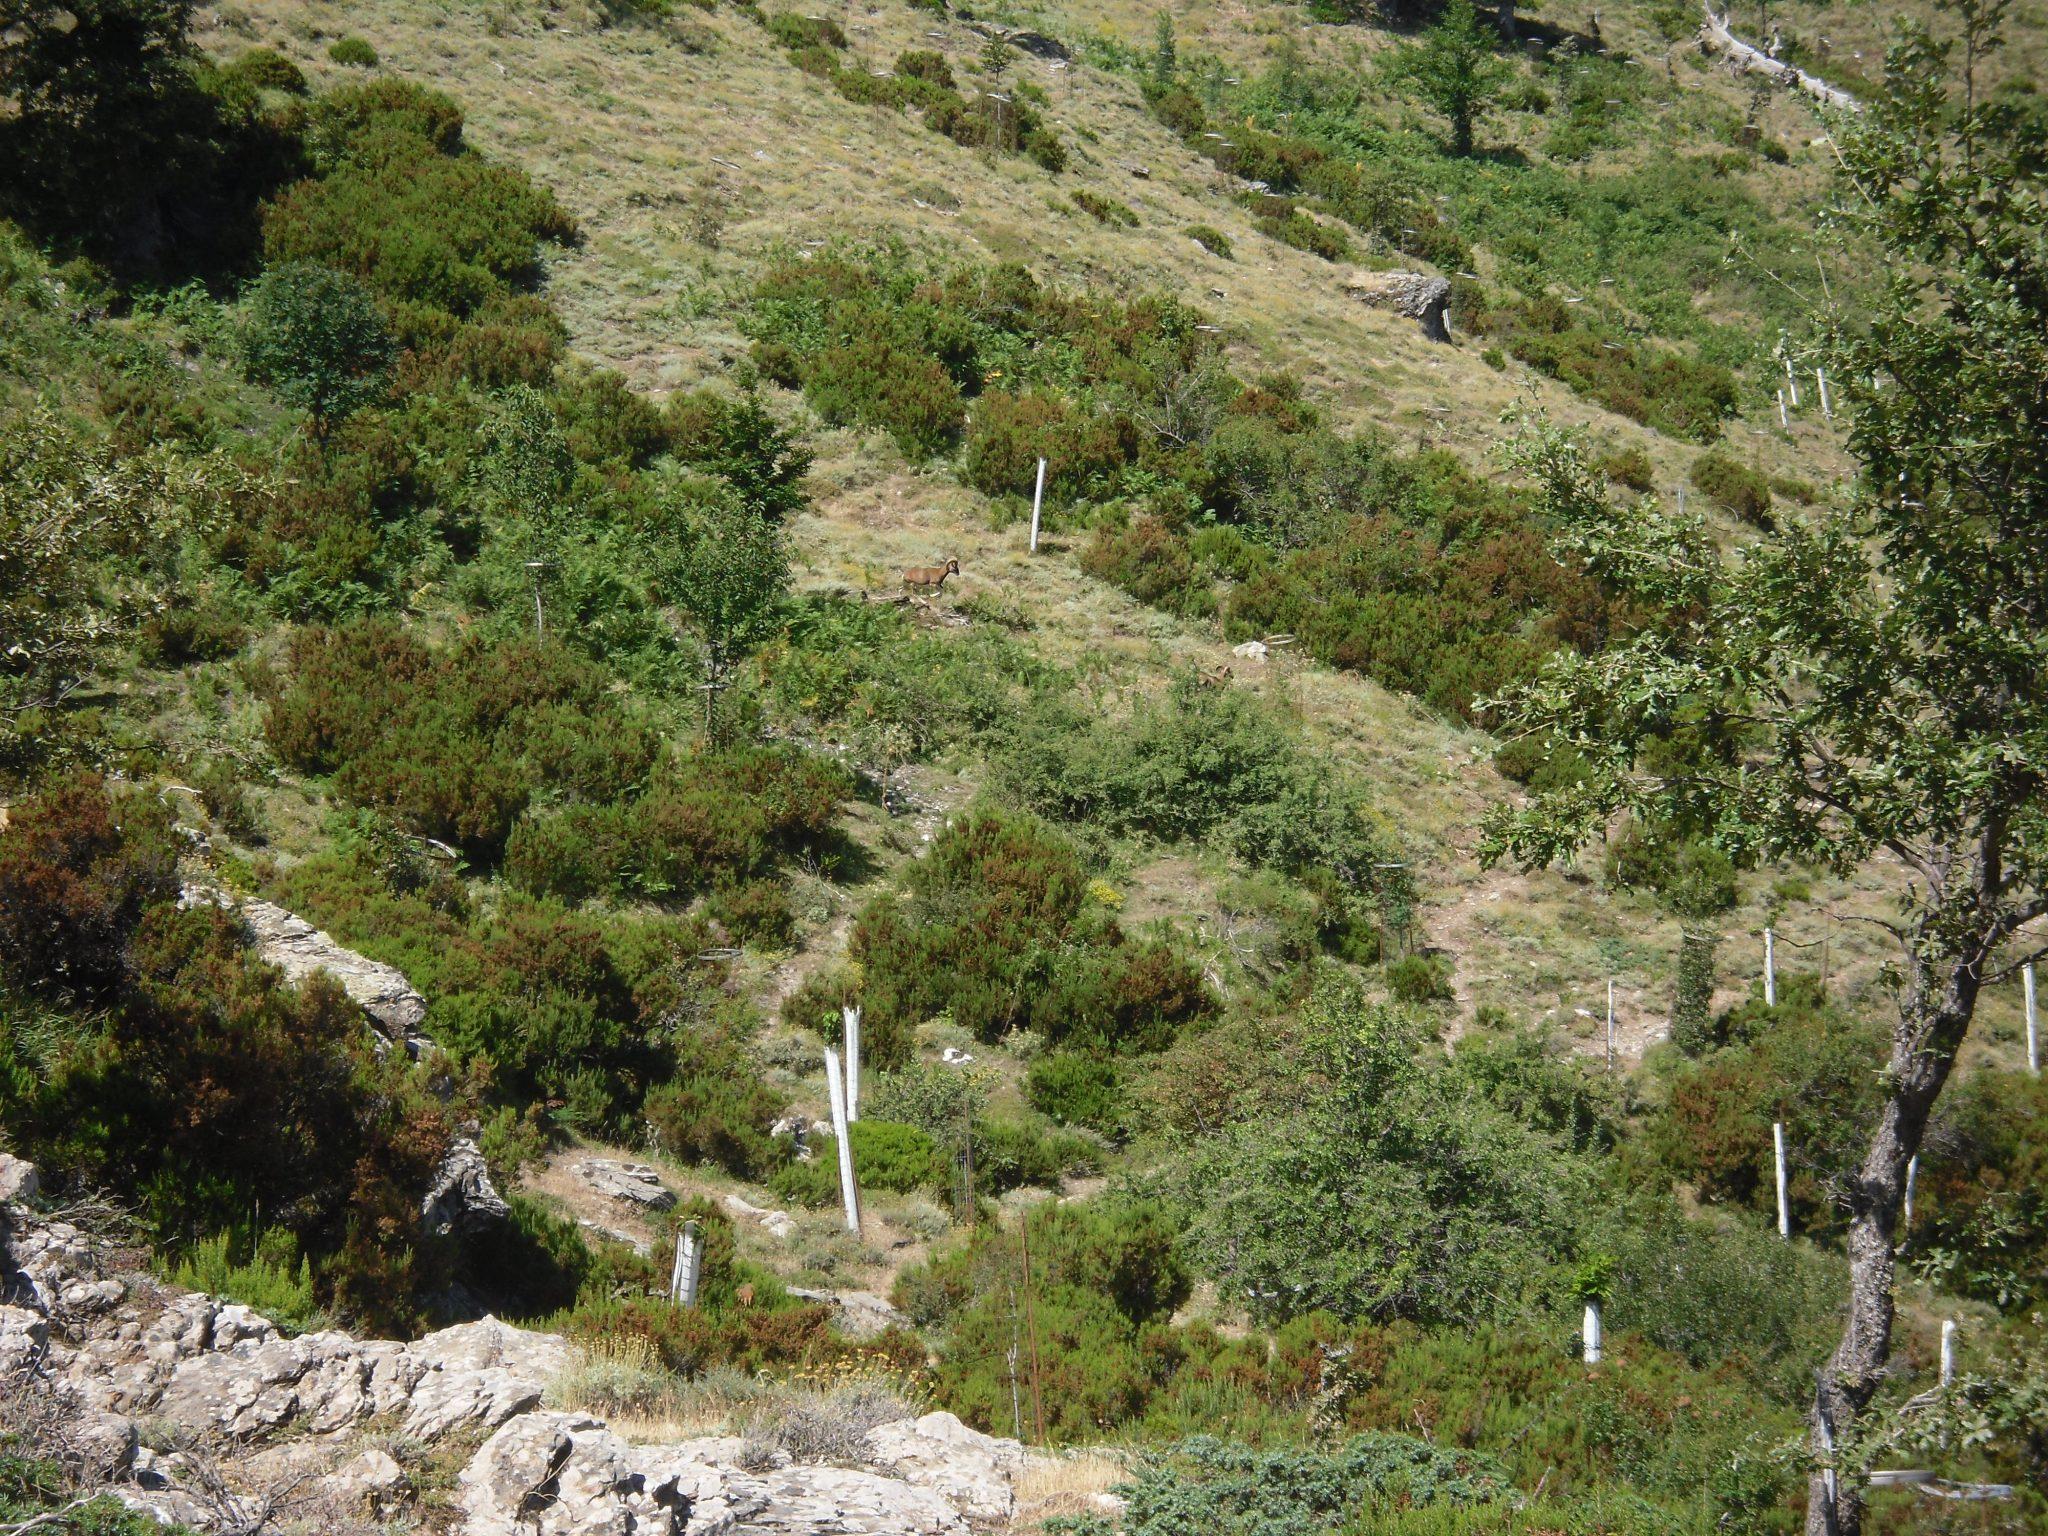 In Sardegna sul Gennargentu alla ricerca dei mufloni